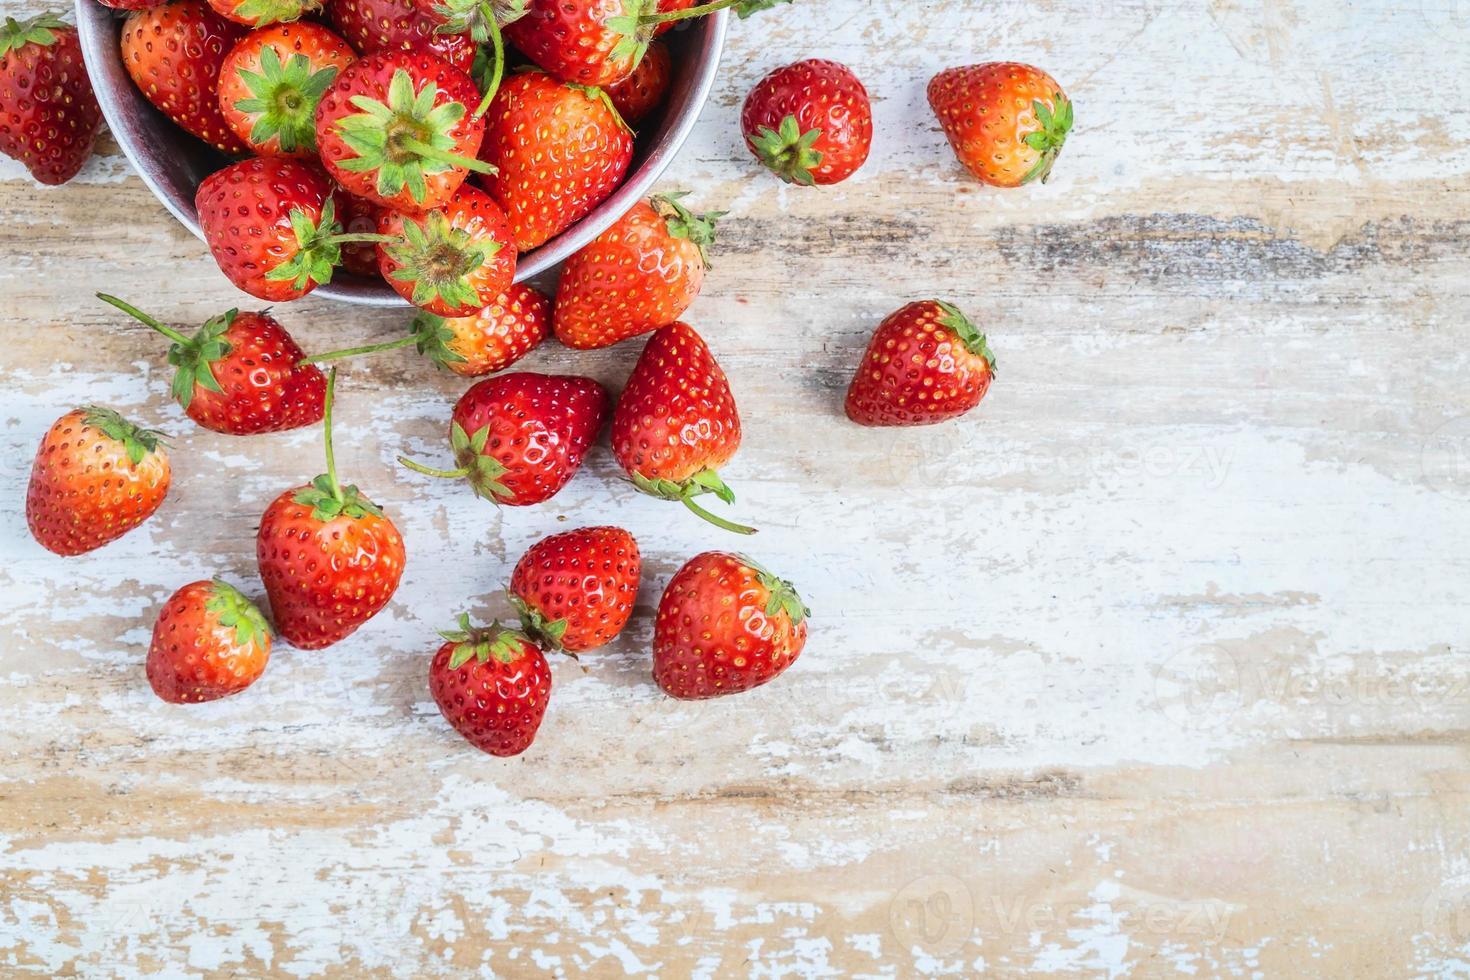 fraises fraîches sur une table photo